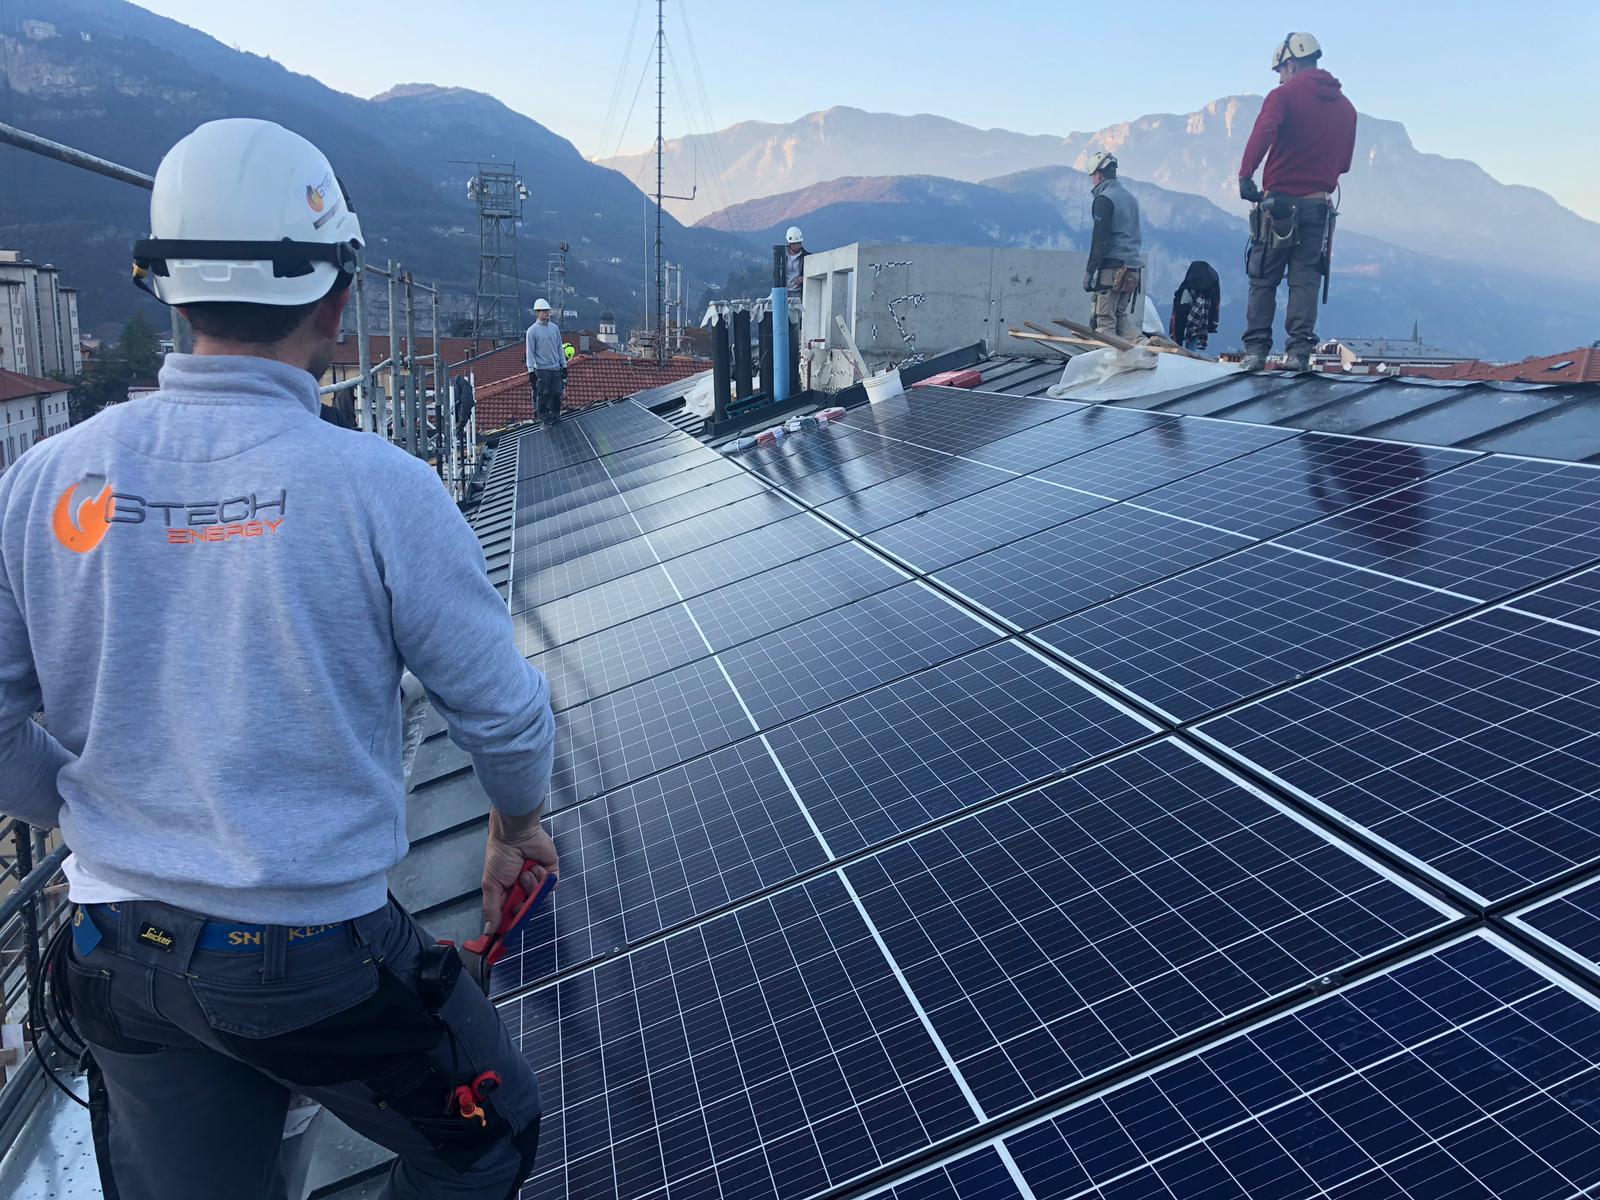 Installatori fotovoltaico: come scegliere il migliore evitando fregature